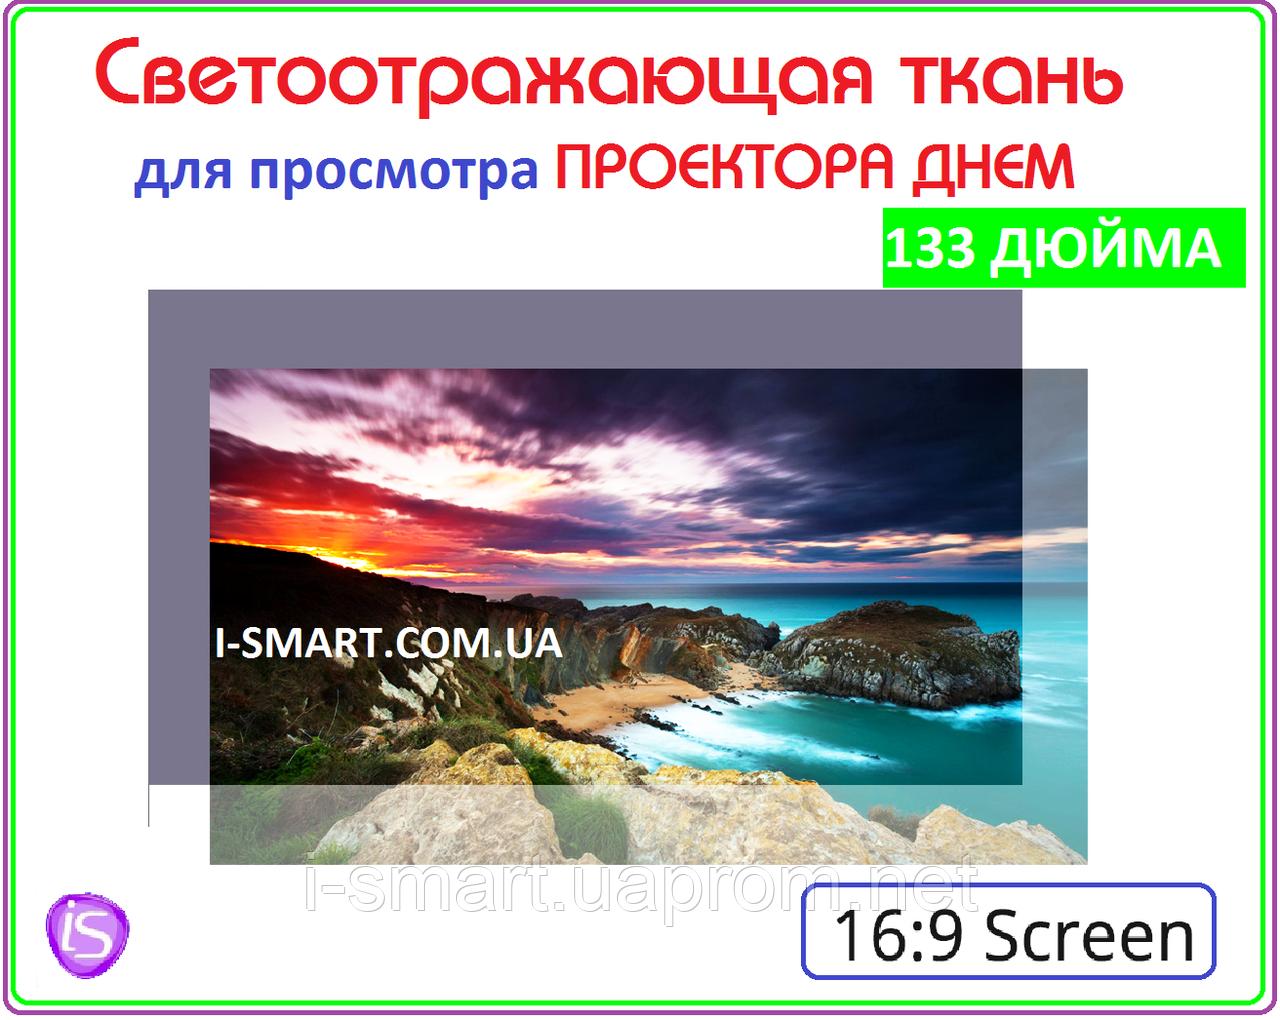 Экран для проектора светоотражающий 133 дюйма - для просмотра проектора днем